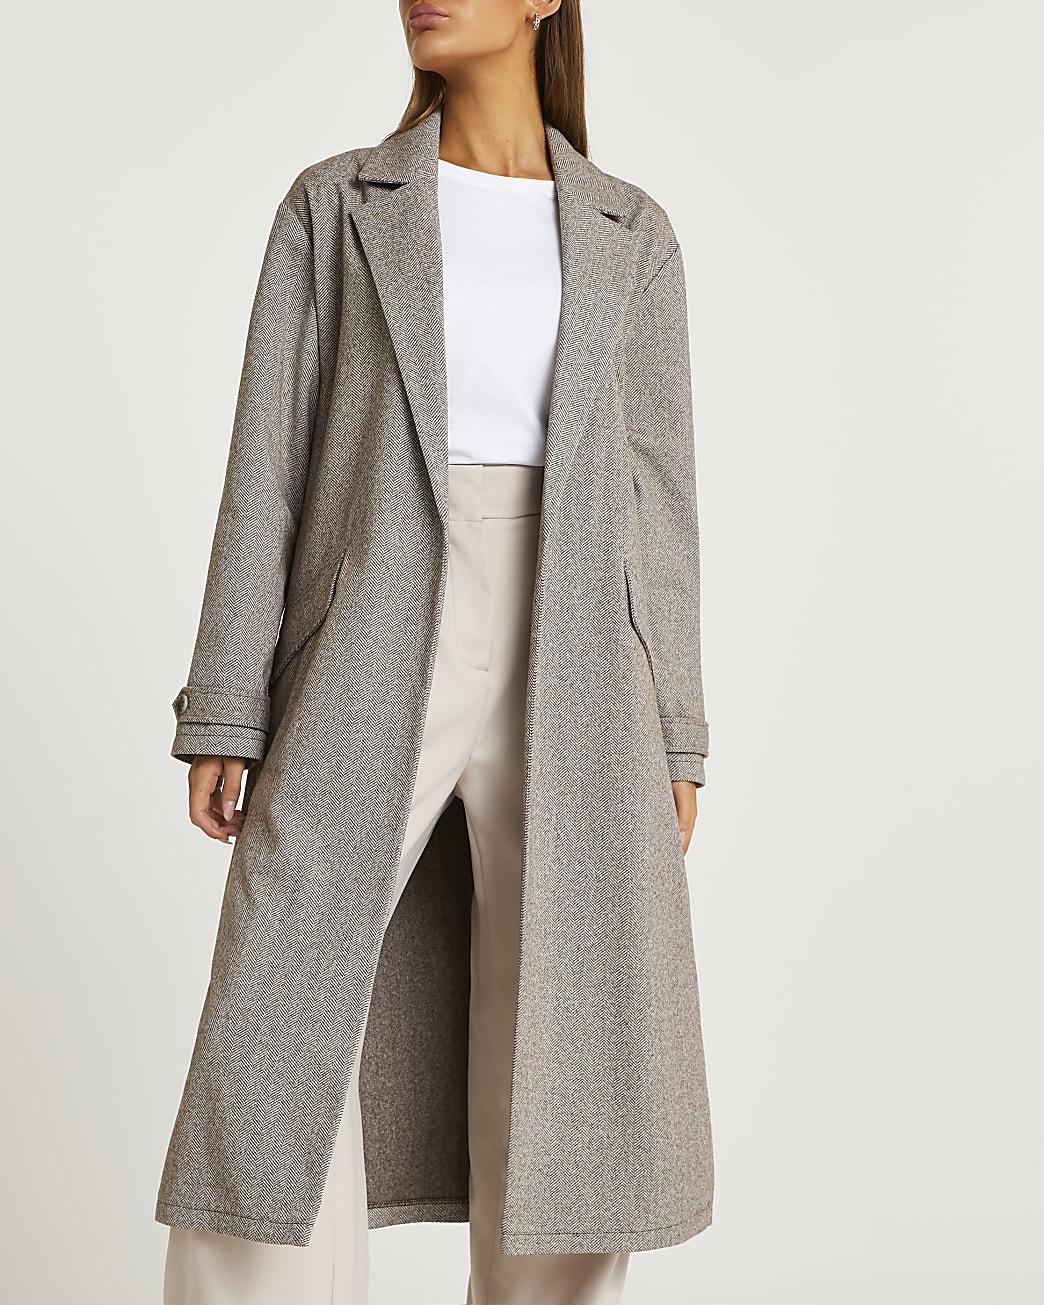 Grey duster coat